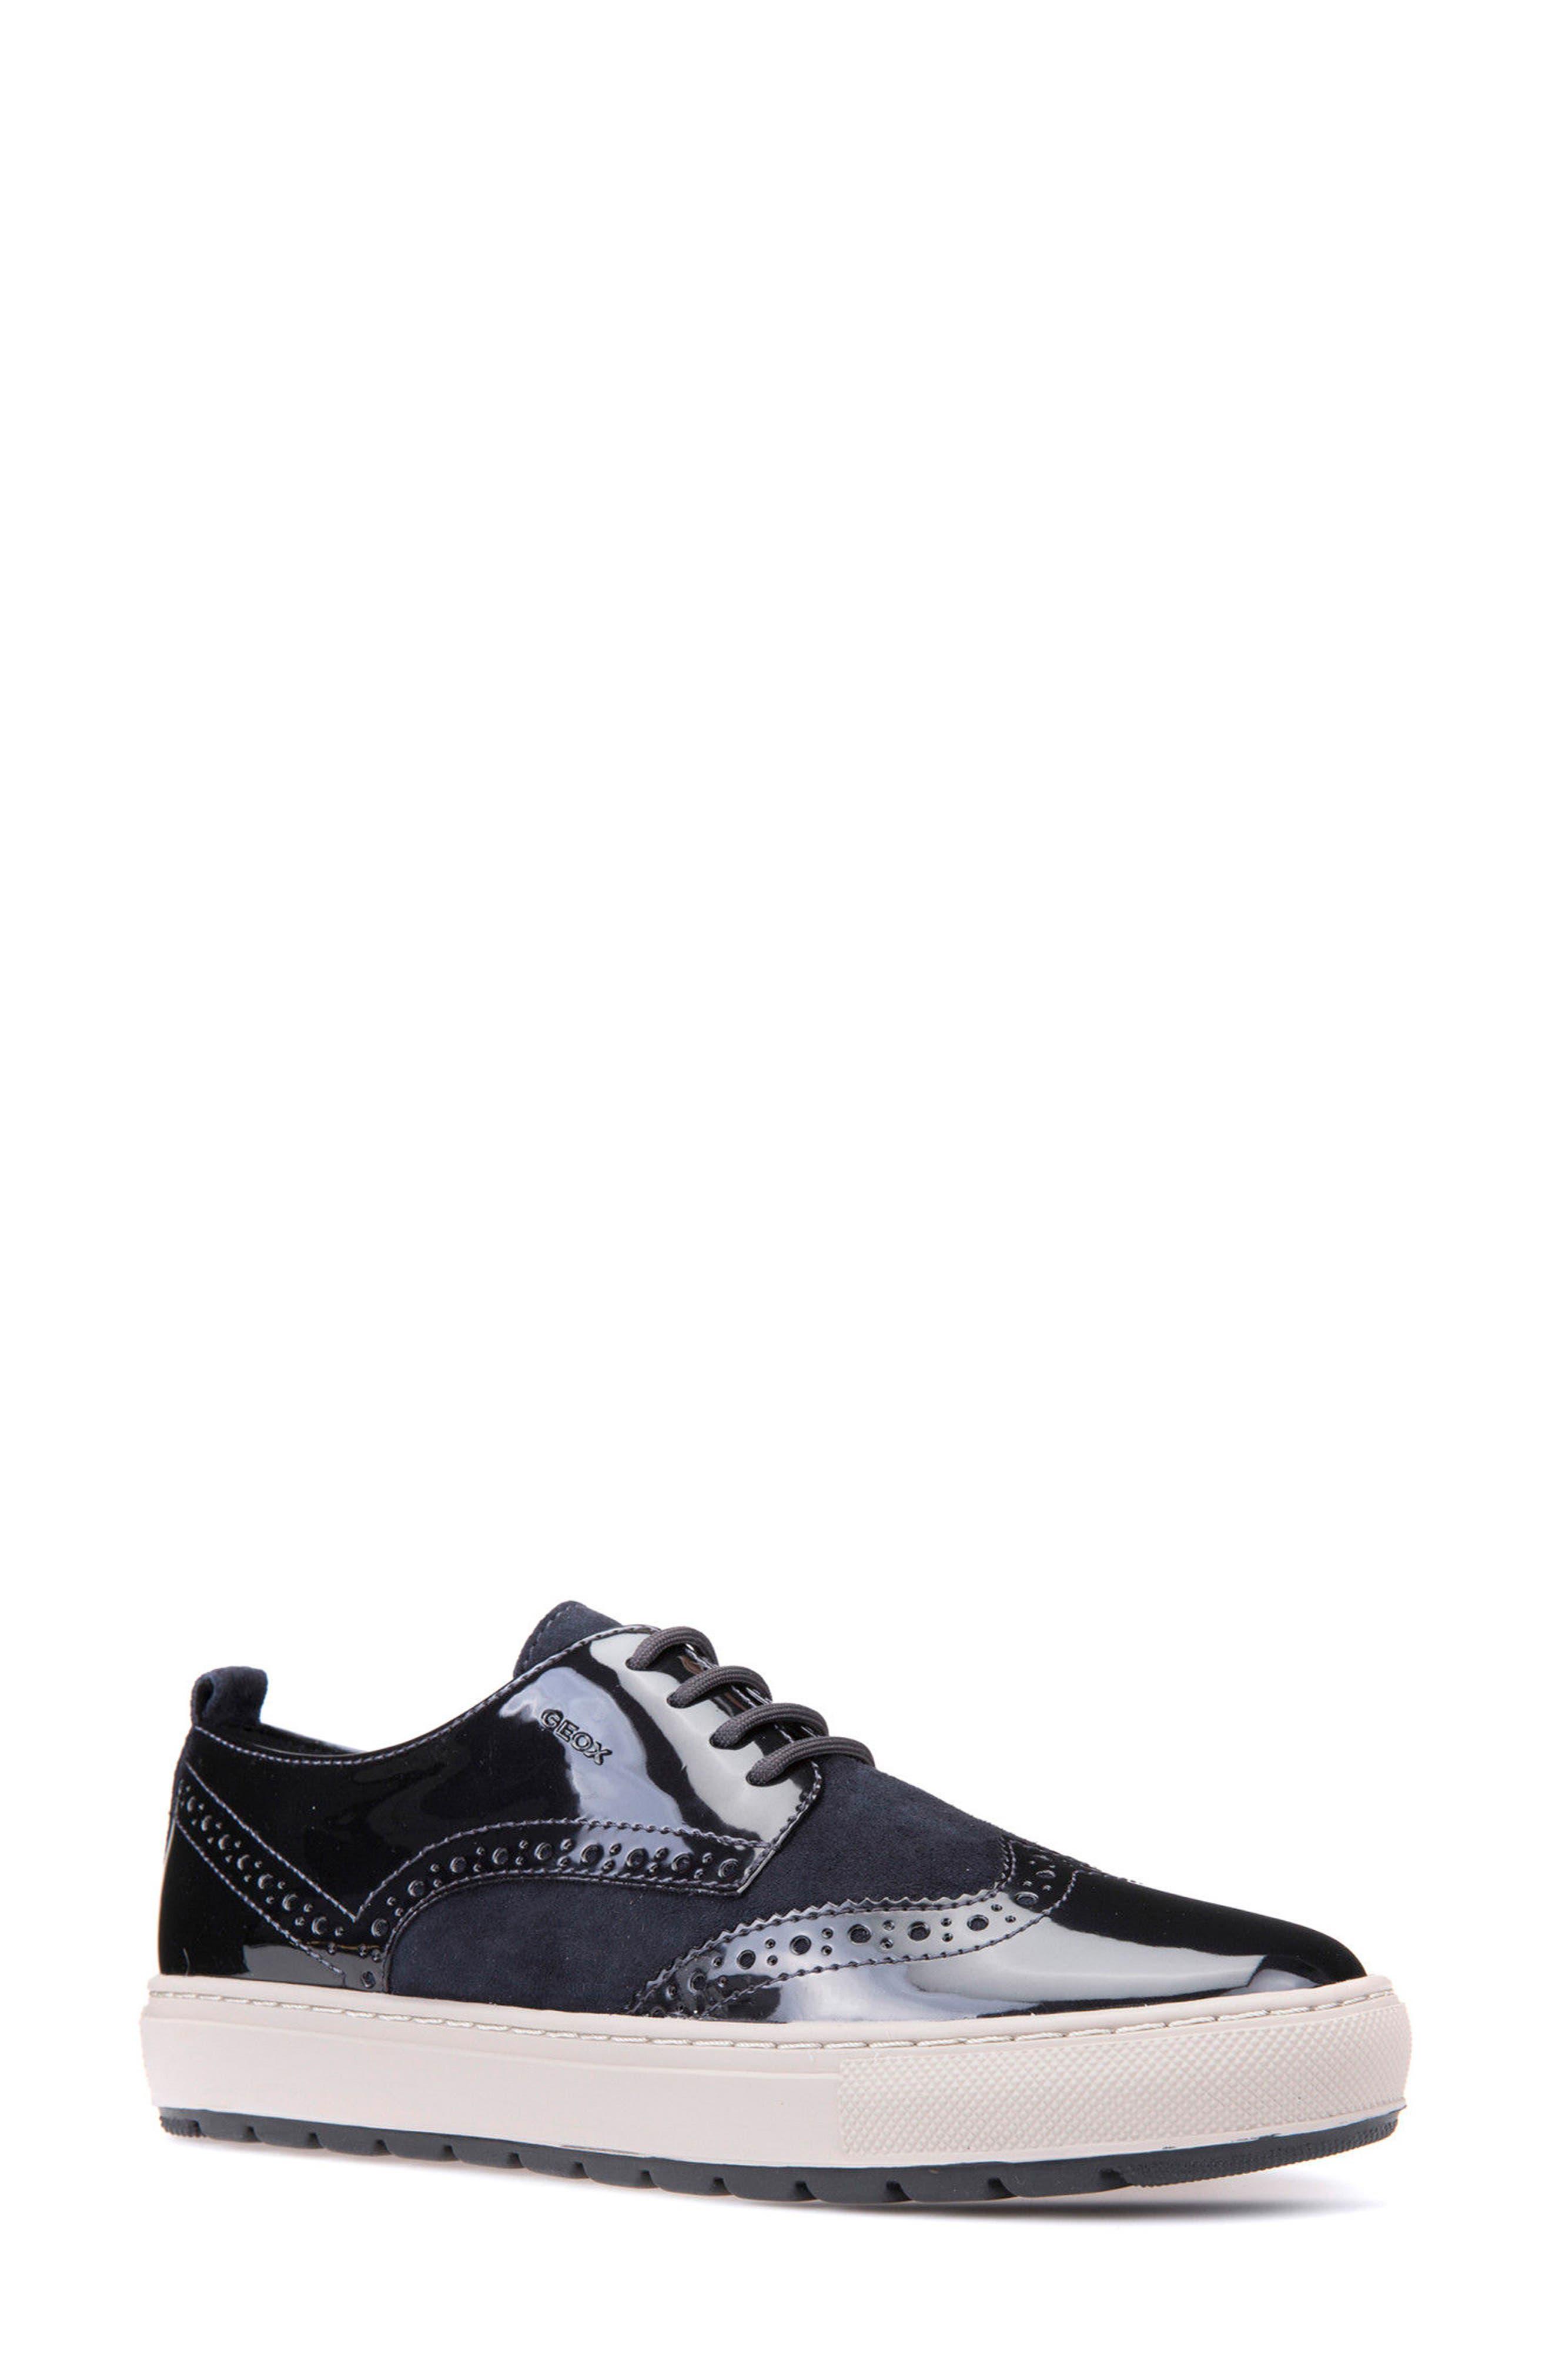 Geox Breeda Oxford Sneaker (Women)